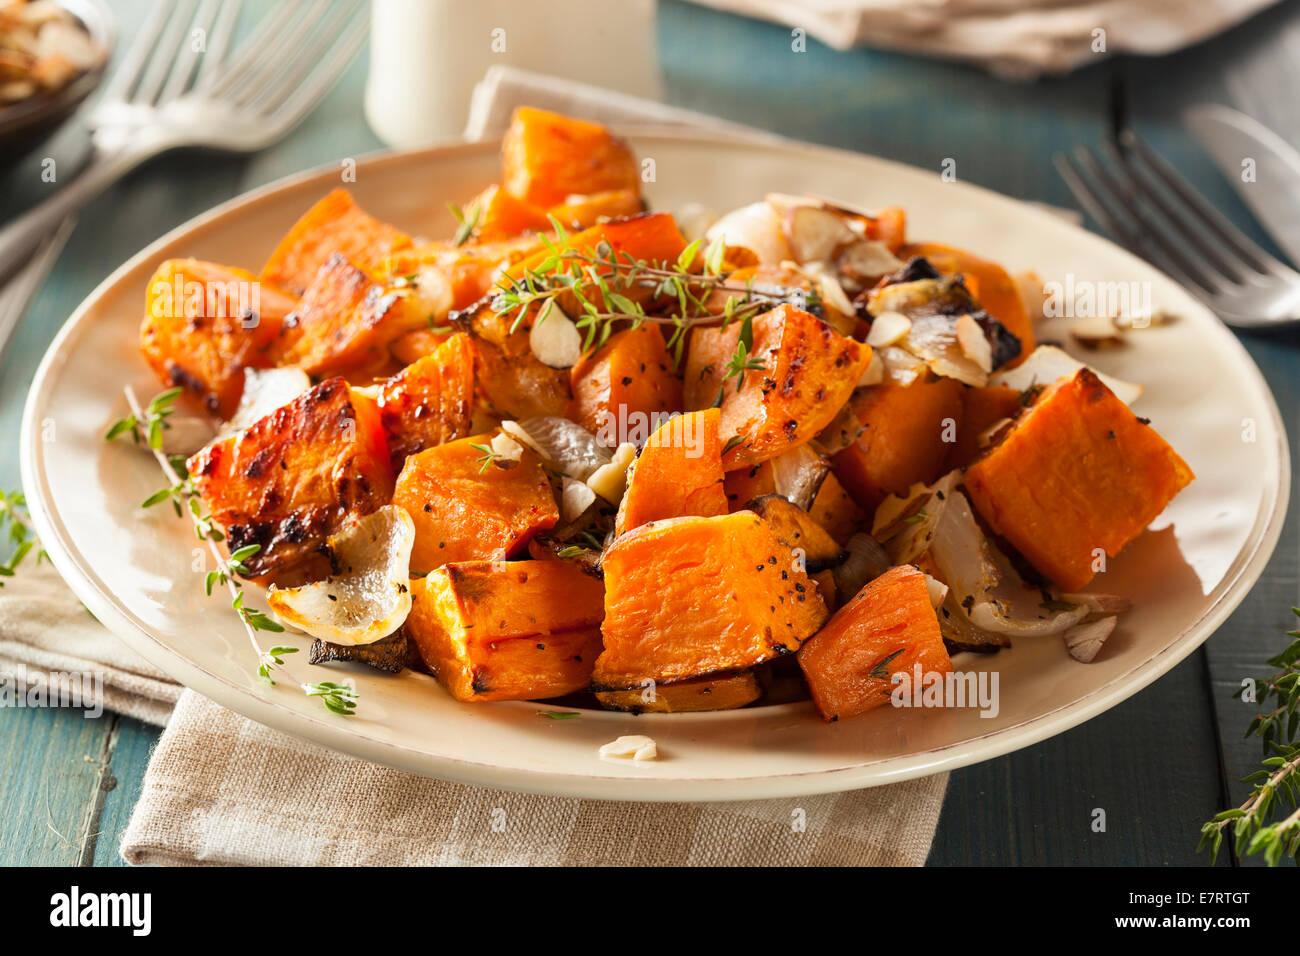 Des pommes de terre cuites avec des oignons et fines herbes Photo Stock